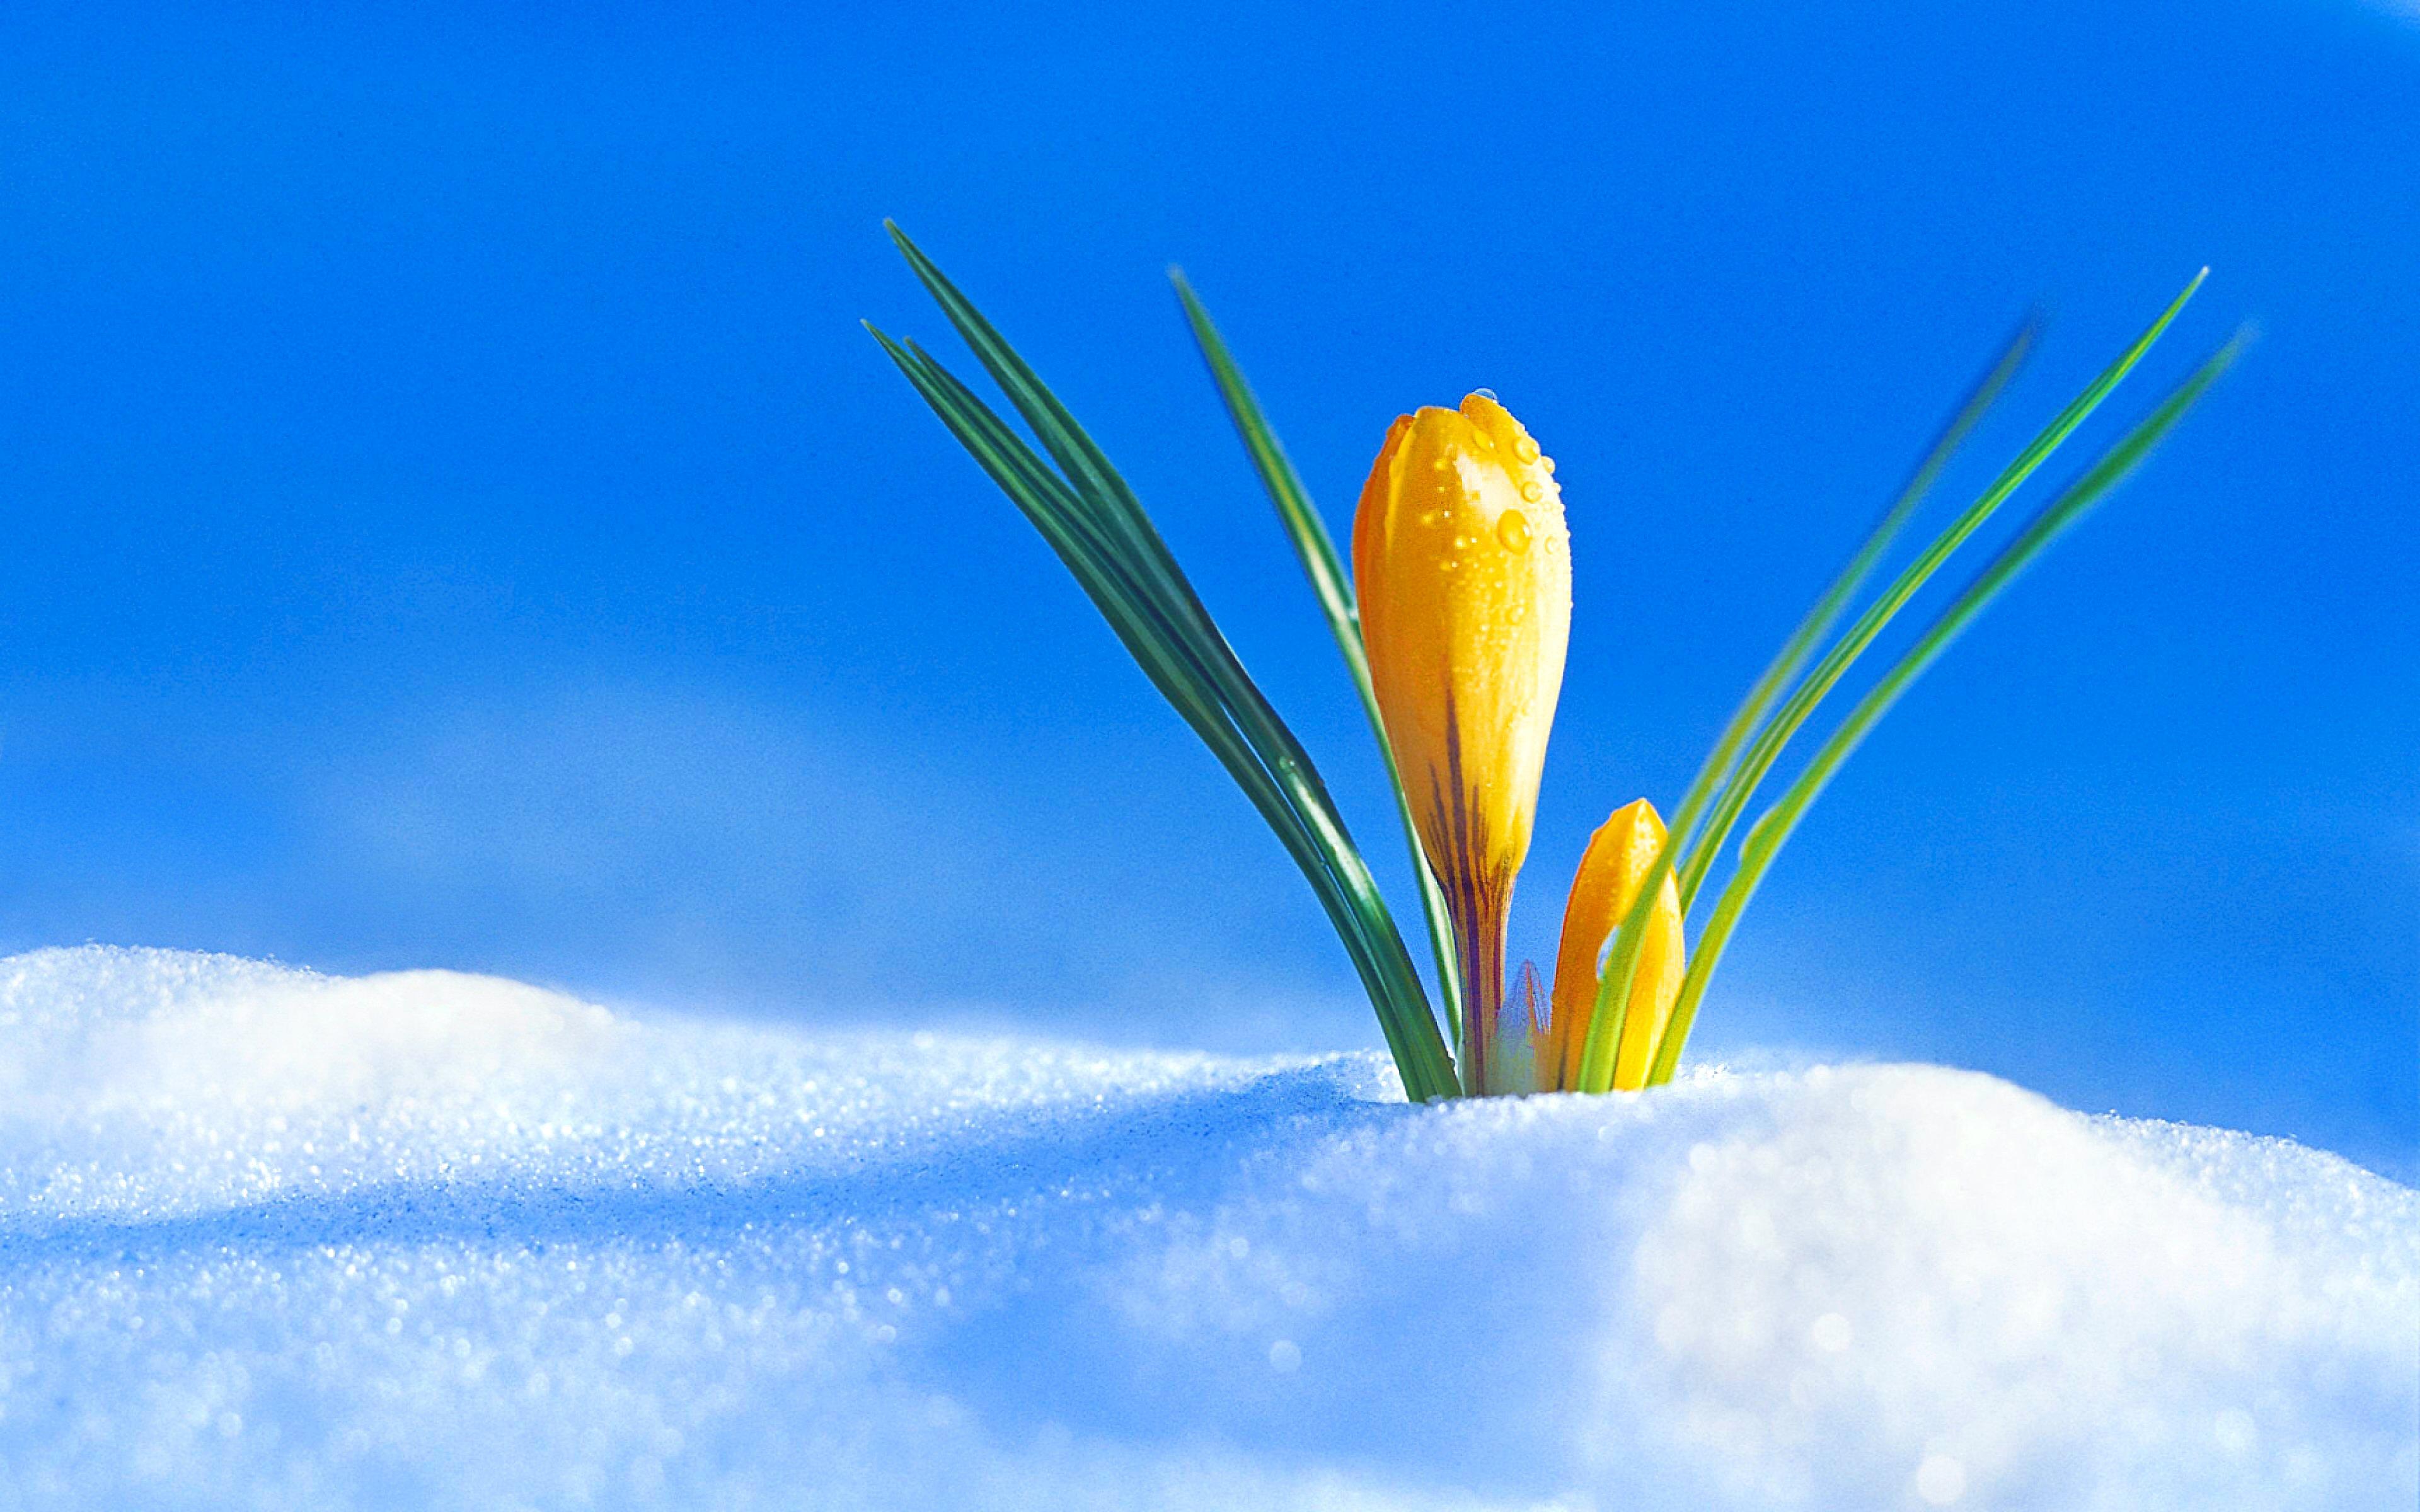 обои подснежники в снегу на рабочий стол поездки следующий